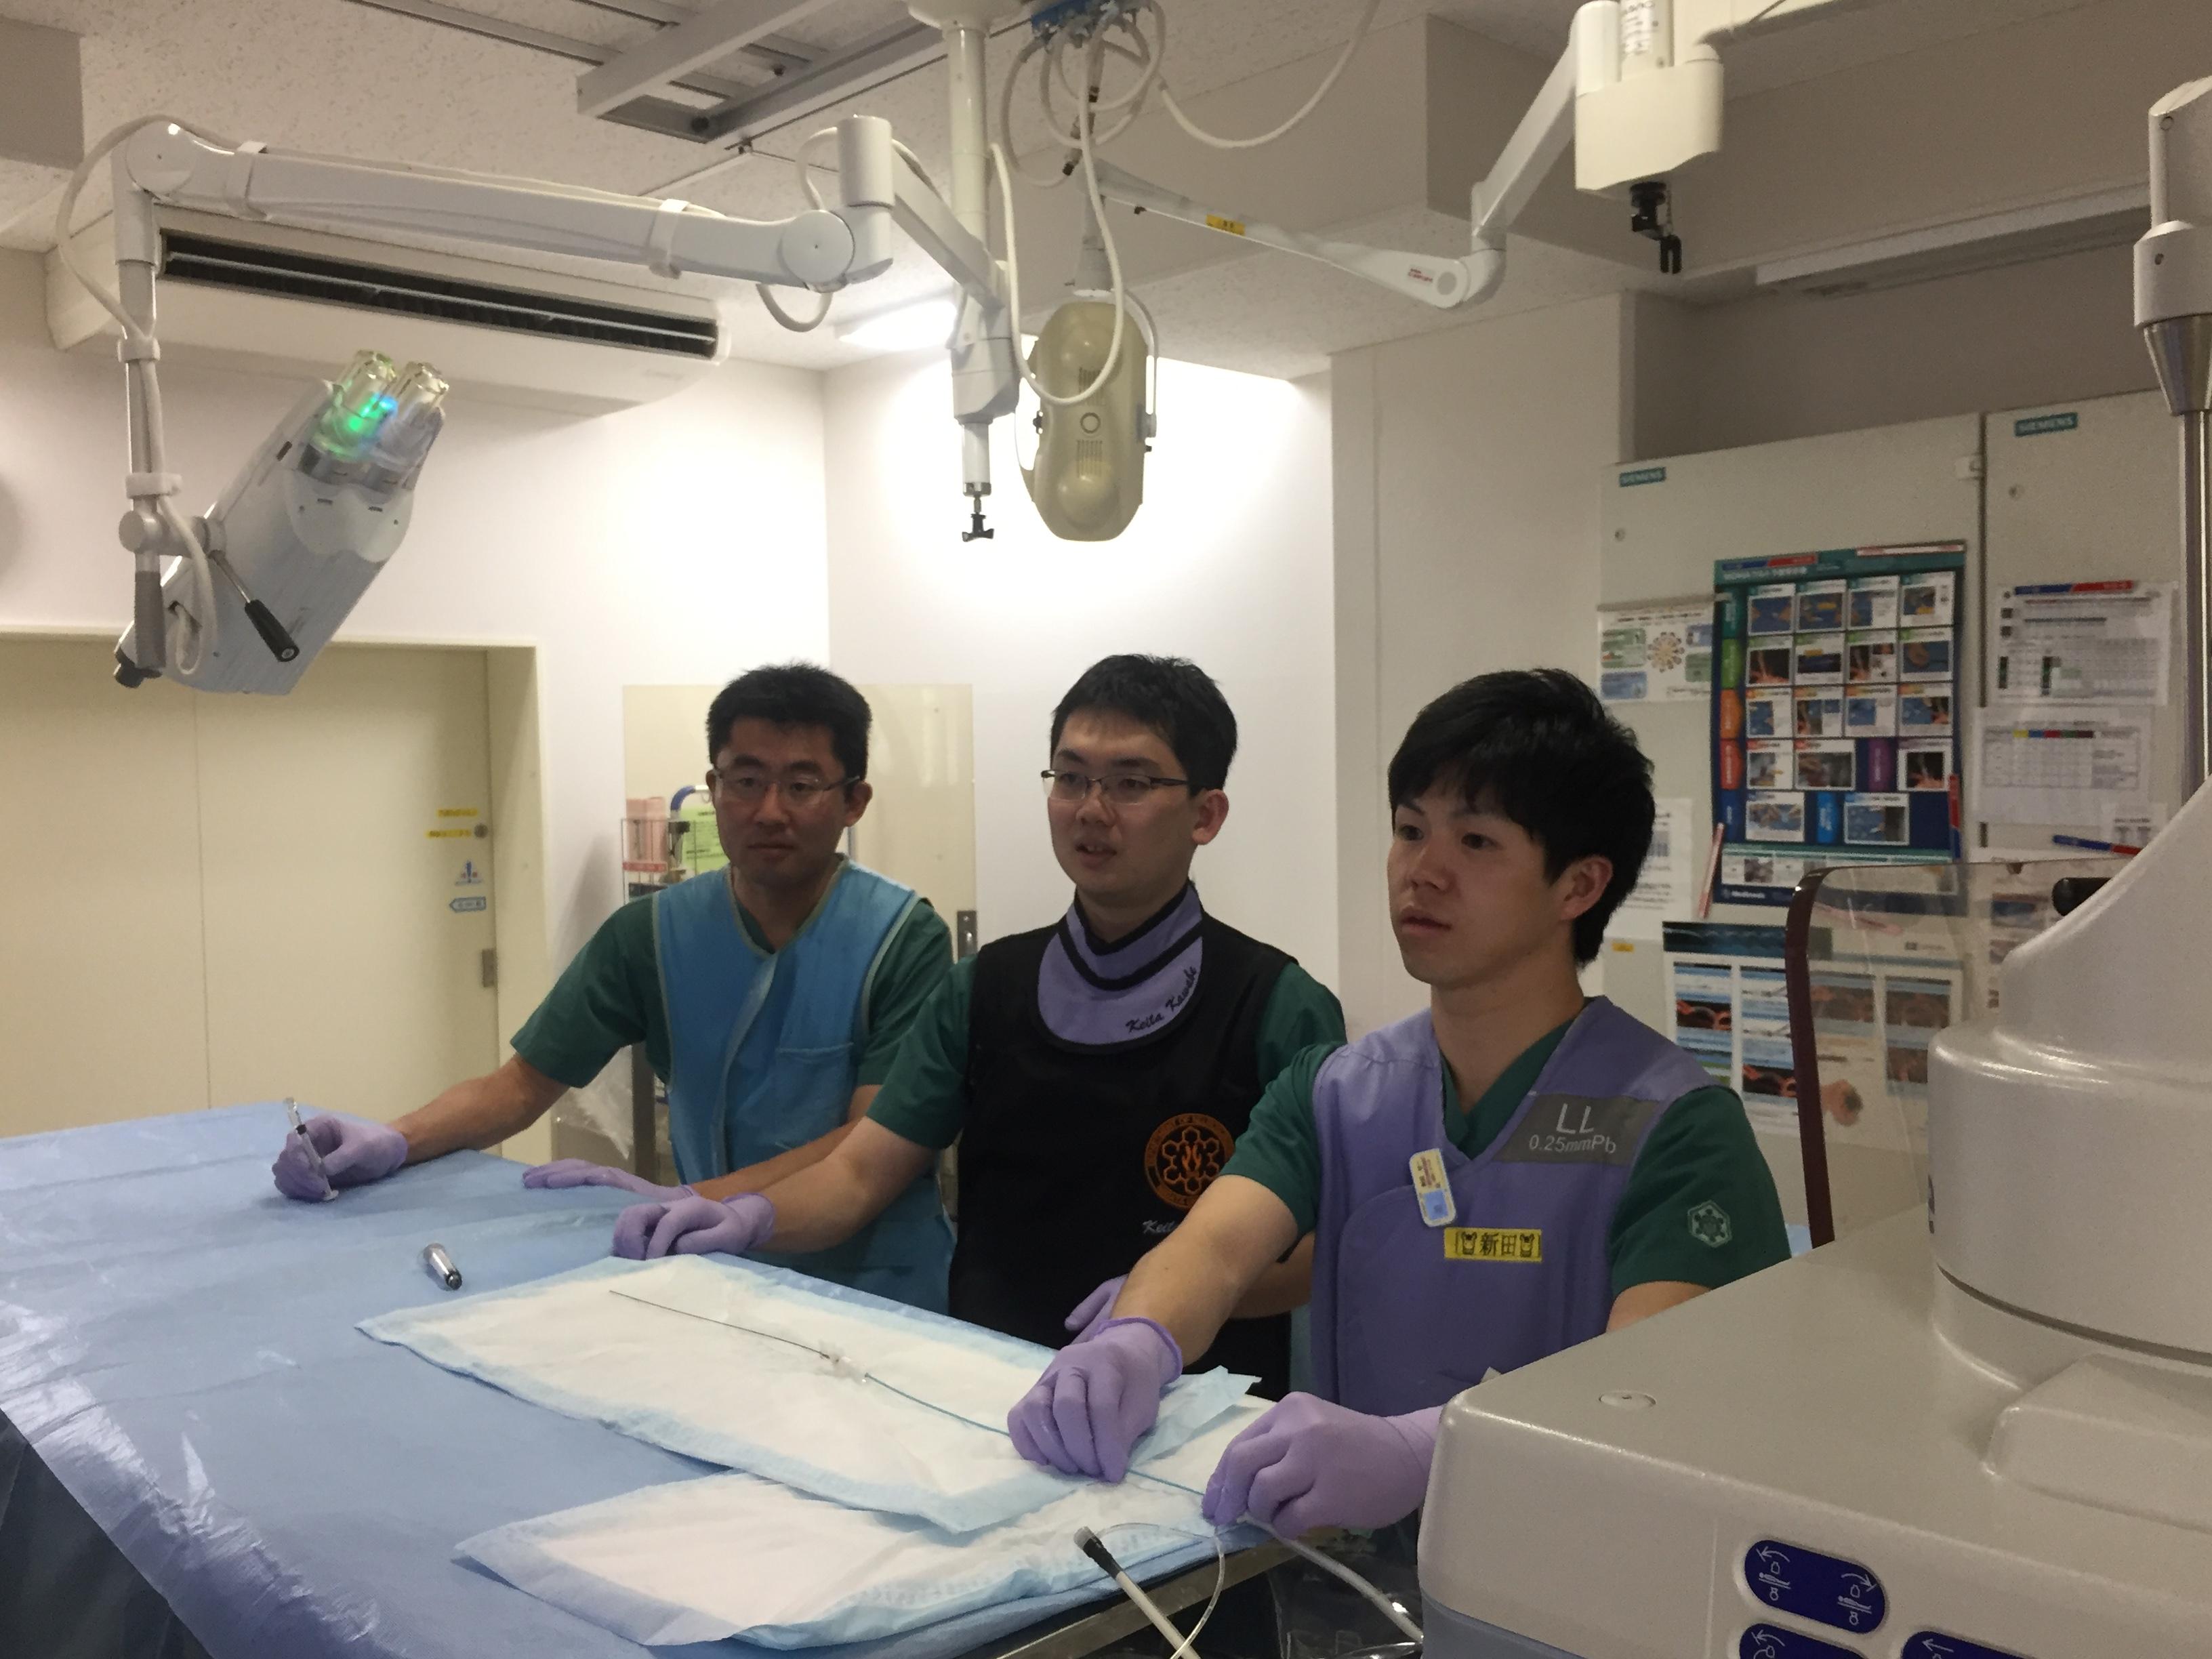 熱心な初期研修医も参加してくれました。次回もたくさんの先生方のご参加をお待ちしております